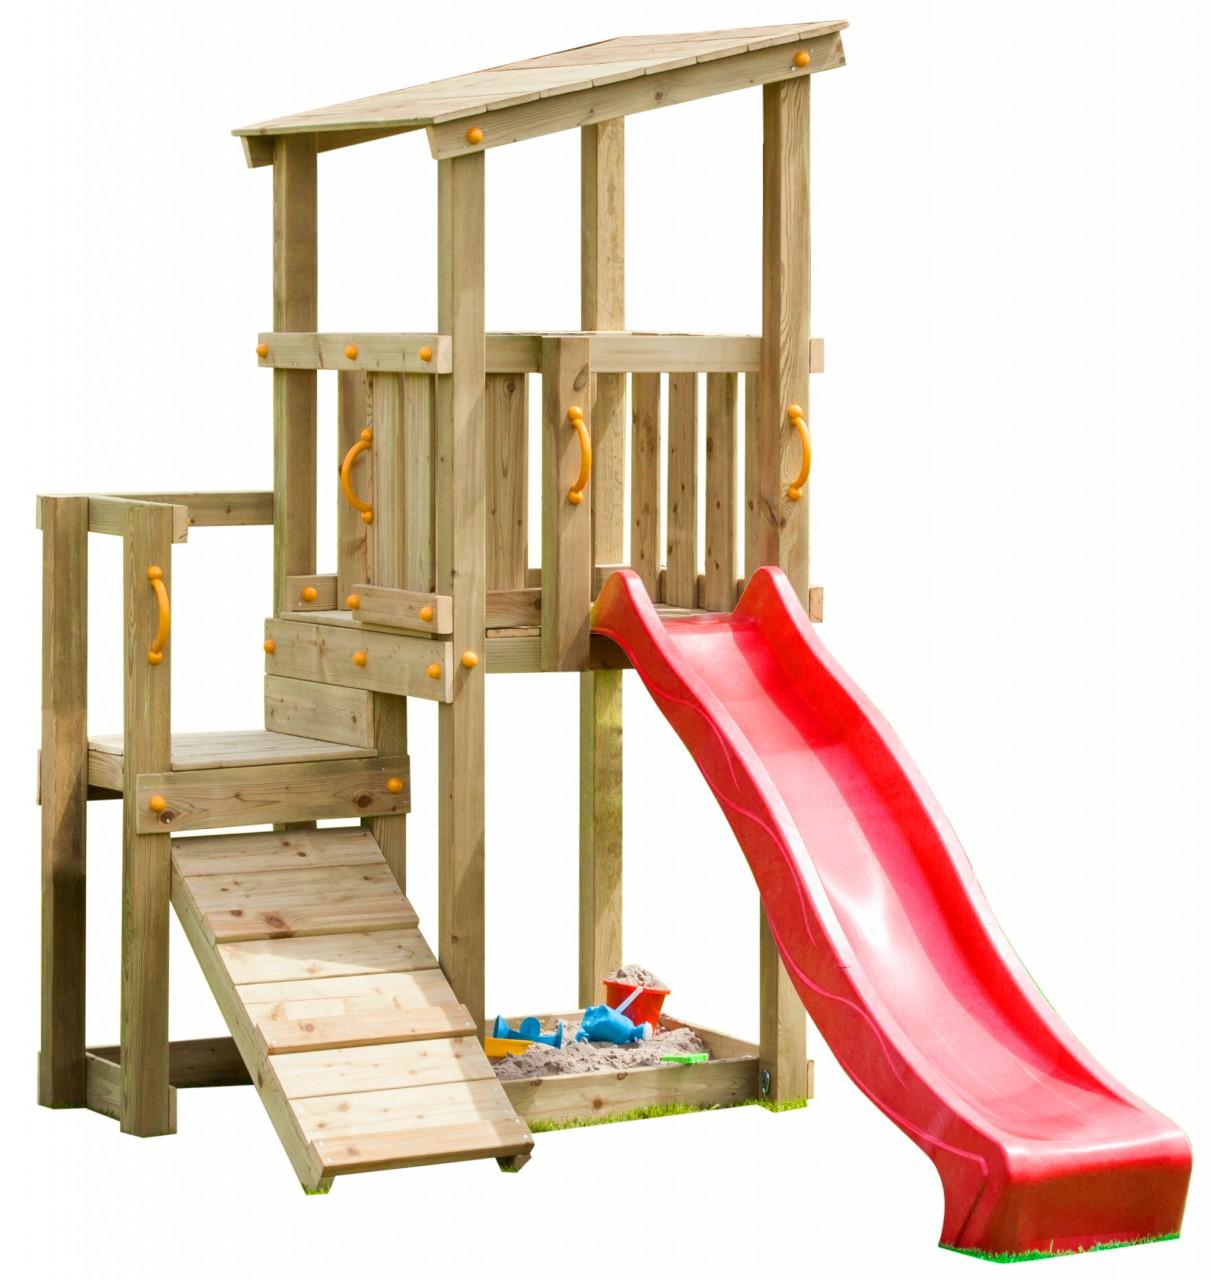 Blue Rabbit  Spielturm CASCADE mit Rutsche 2,30 m + Kletterrampe  Rot DH450